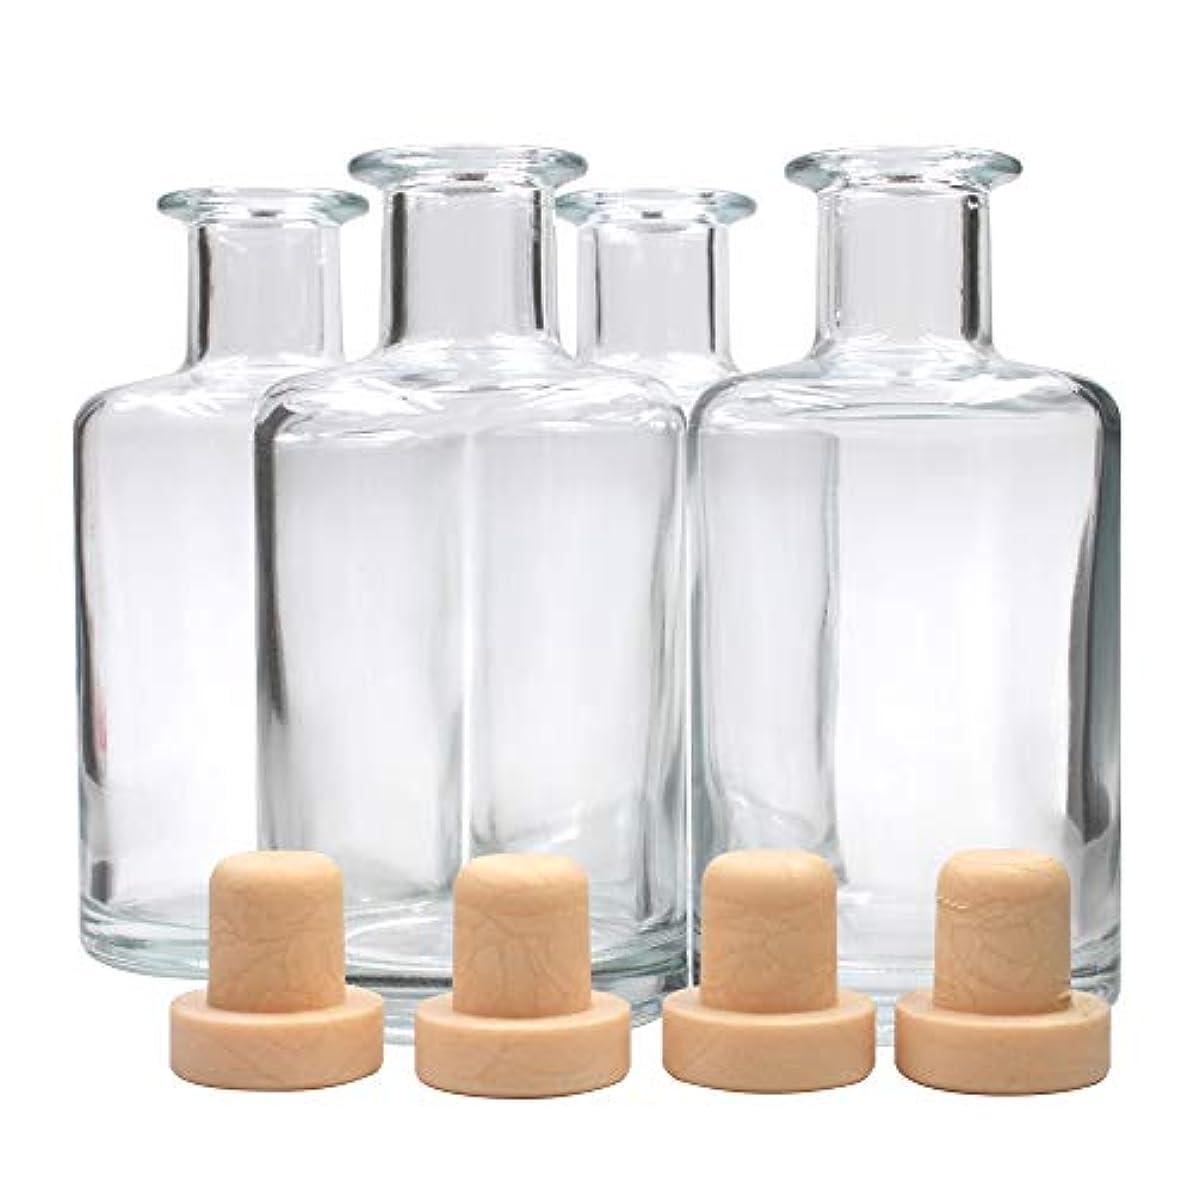 心配する困惑考えるFrandy House リードディフューザー用 ガラスボトル 瓶 240ML #6813